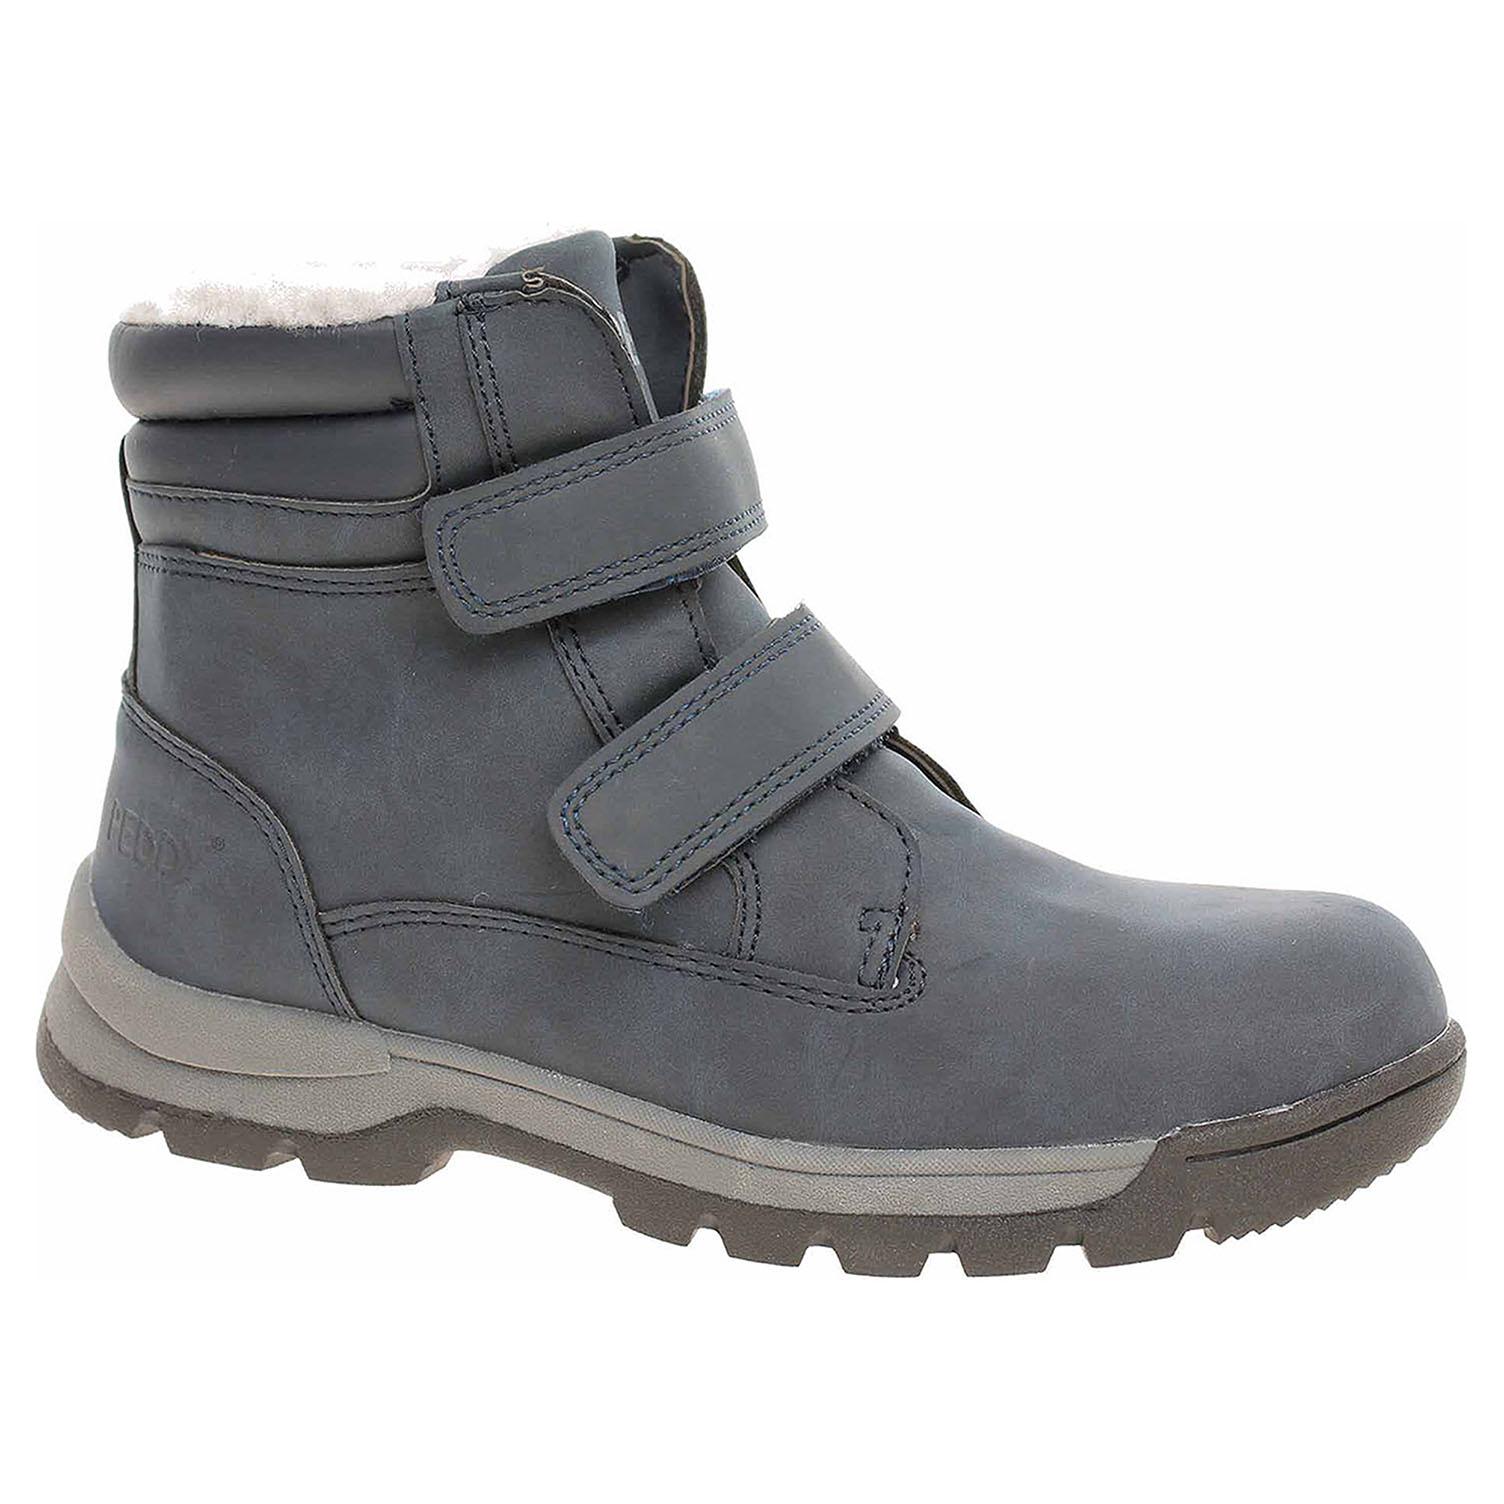 8084390826911 Ecco Chlapecká kotníková obuv Peddy P1-536-37-05 navy 29400107